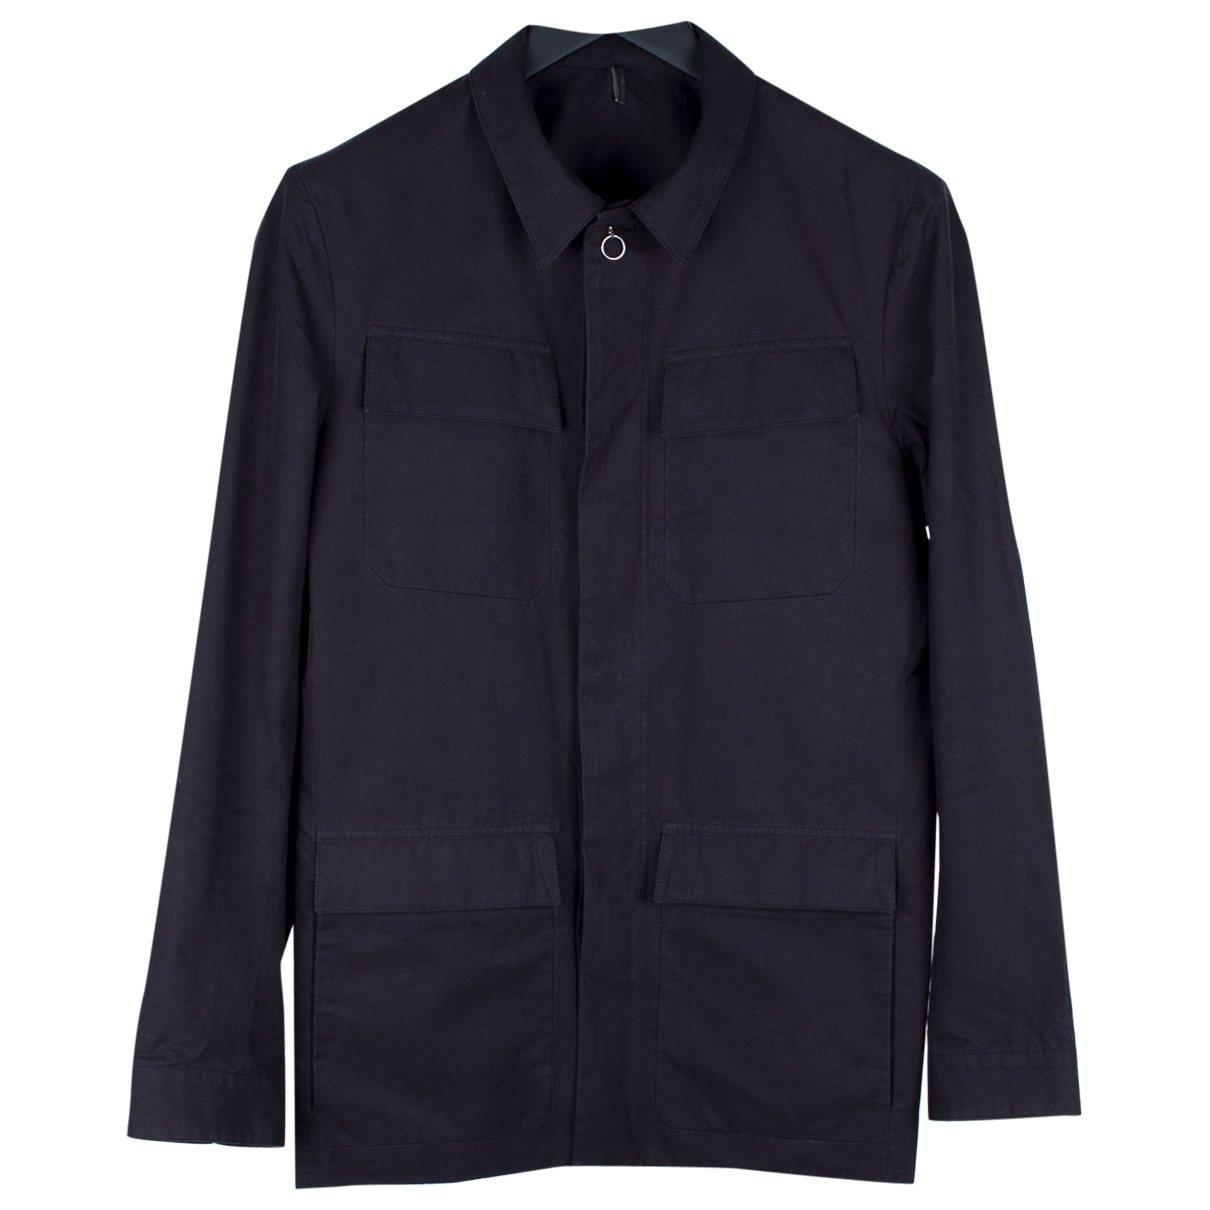 Dior Homme \N Jacke in  Schwarz Baumwolle